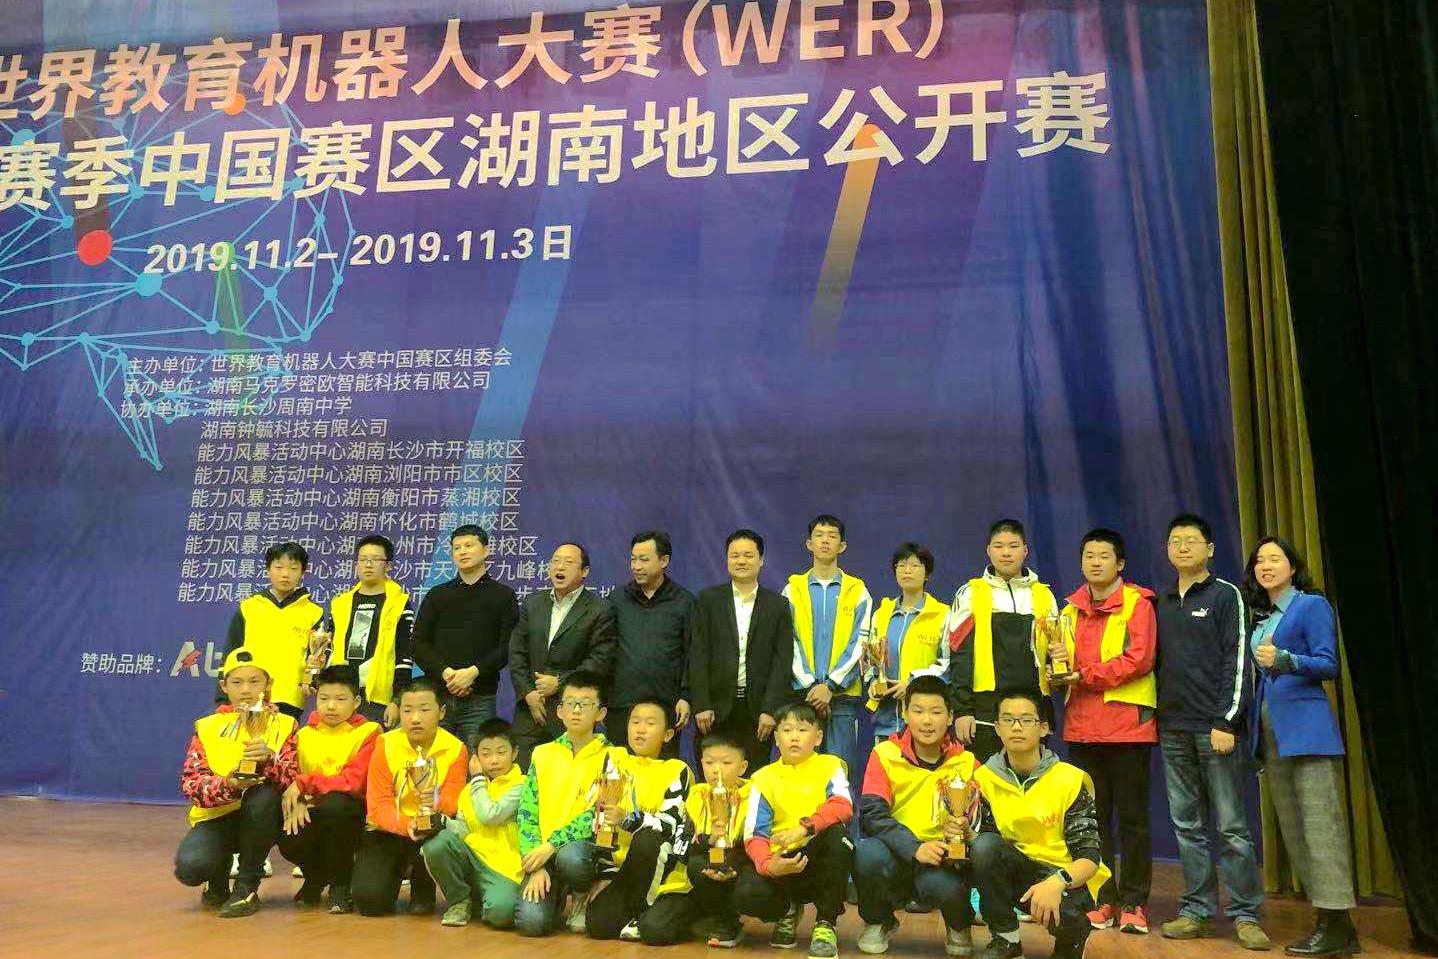 冯弈锦、黄思萌获机器人大赛(WER)湖南省冠军